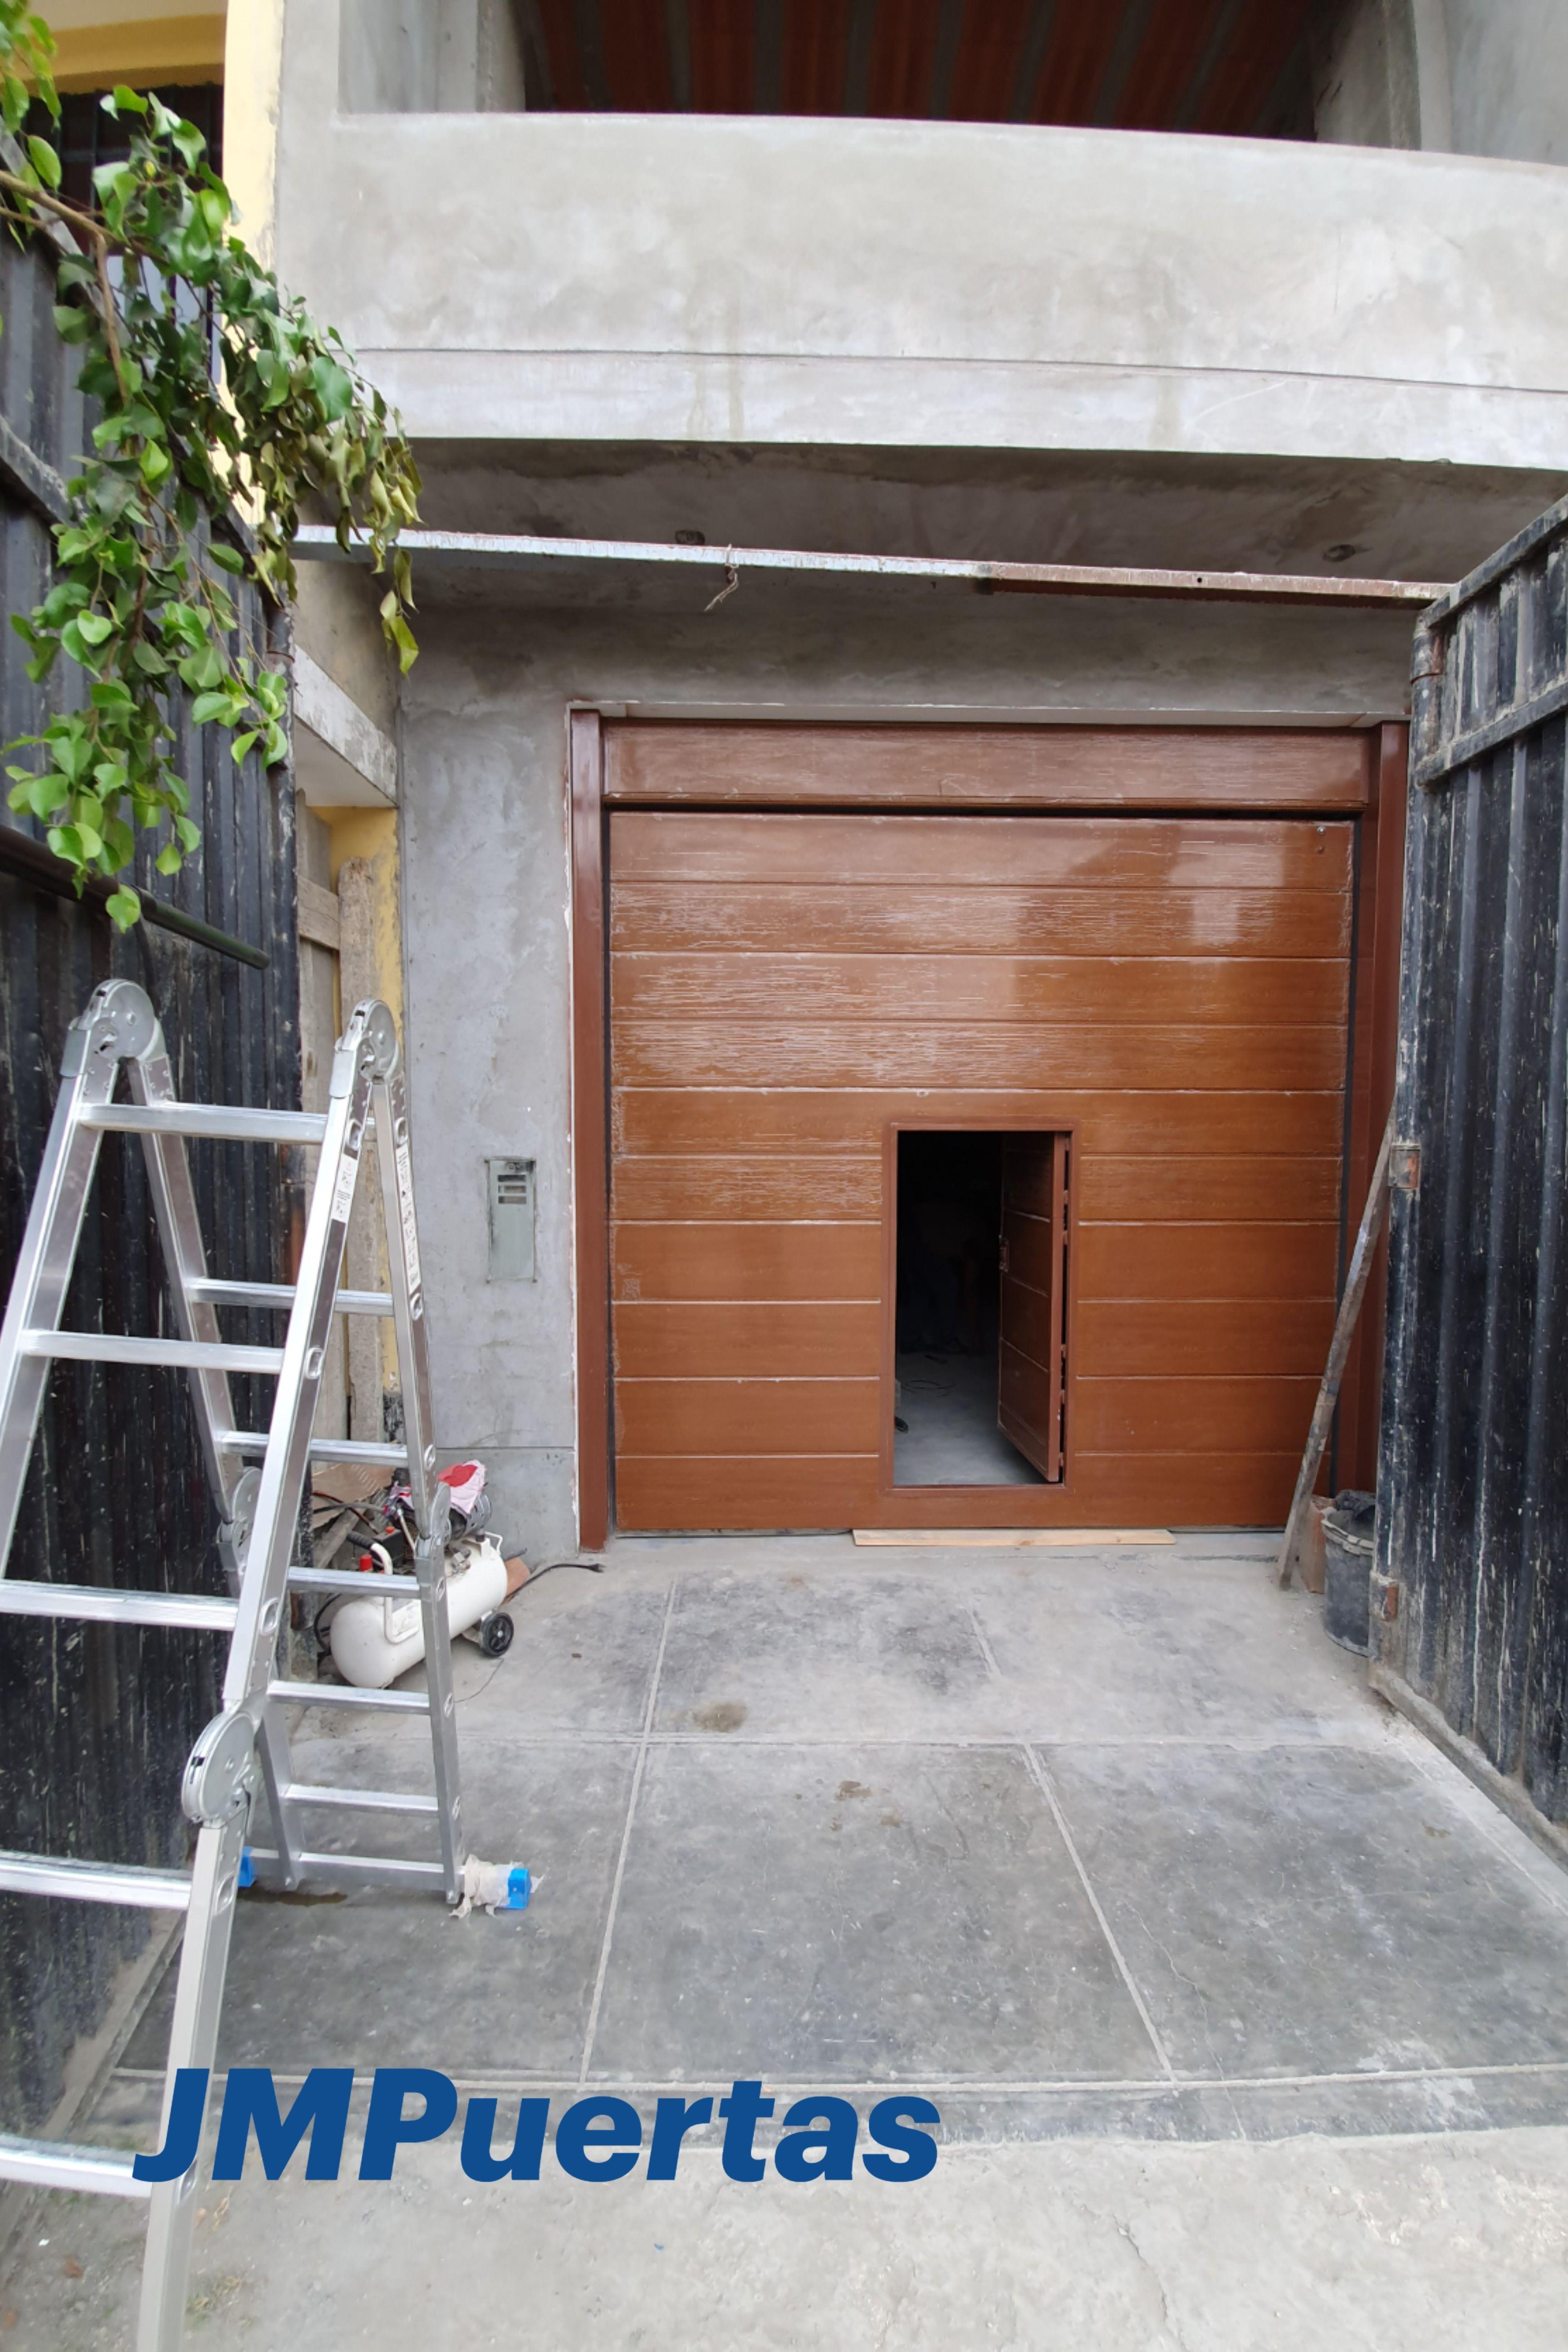 Puerta Seccional Con Puerta Peatonal Incluida En 2021 Puertas De Garaje Puertas Automaticas Seccionales